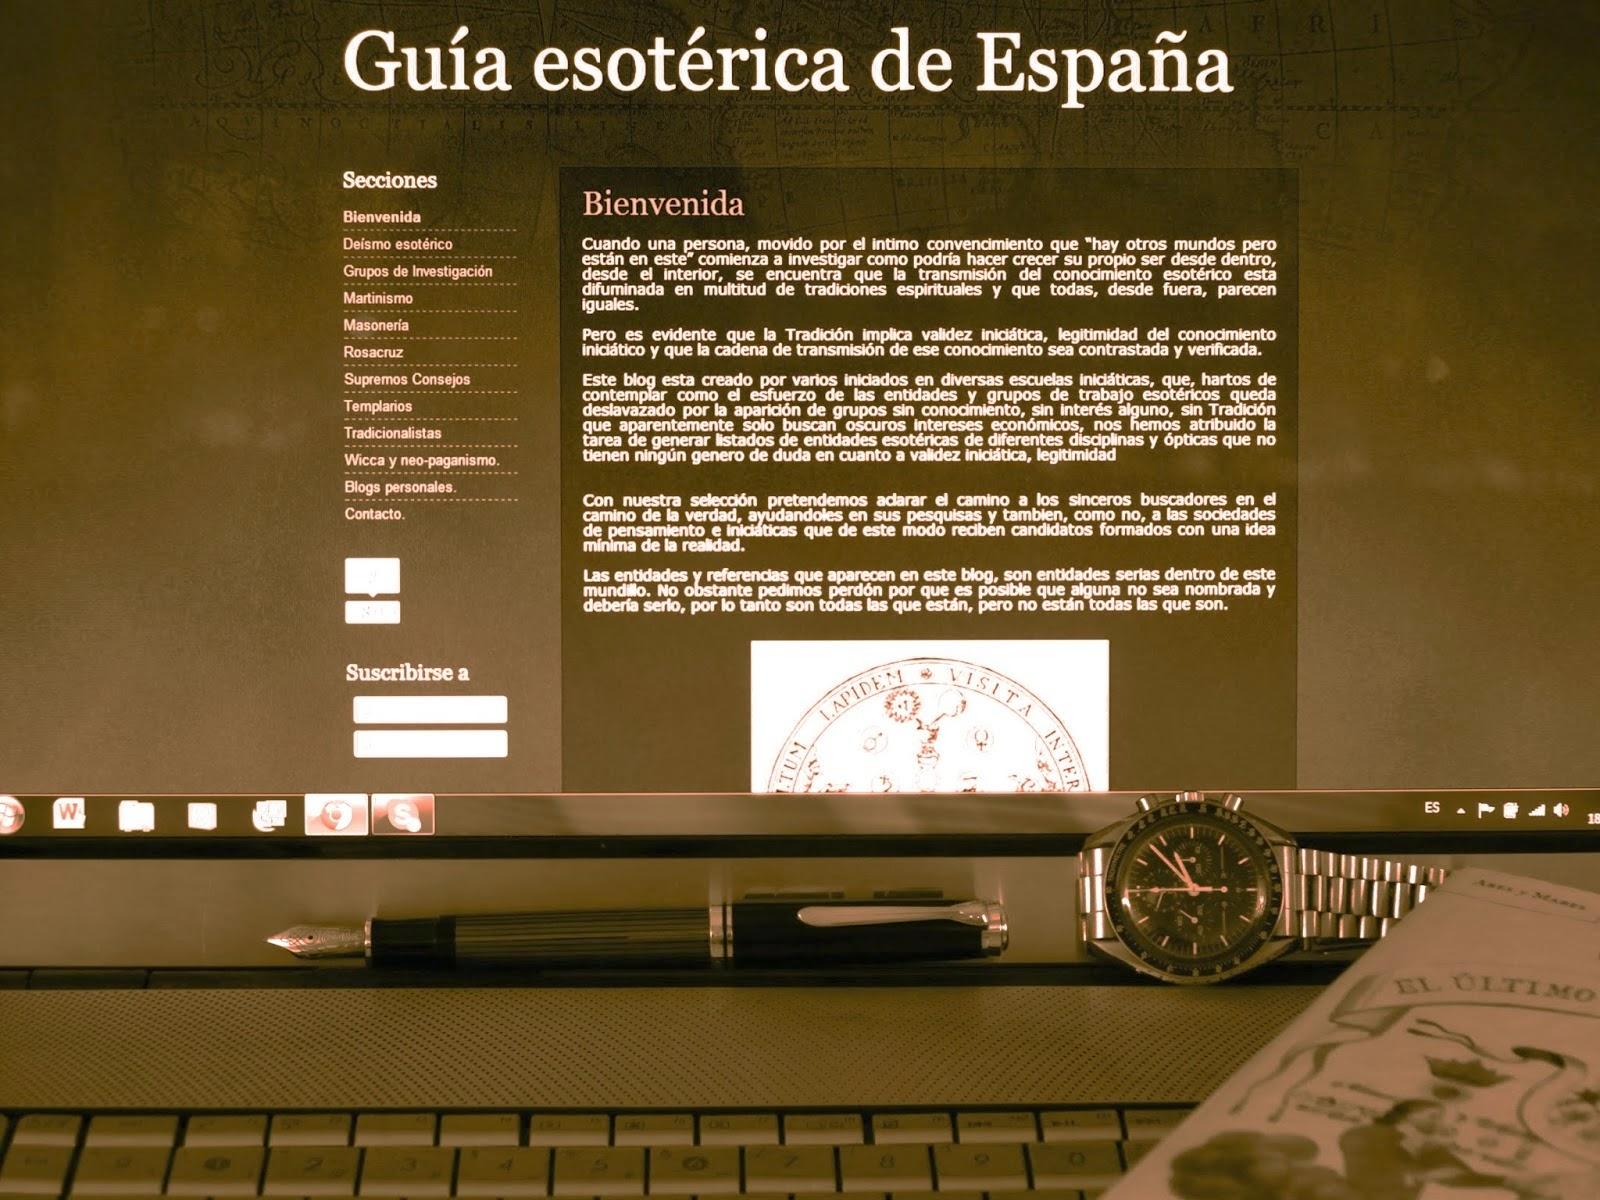 Guía Esotérica de España